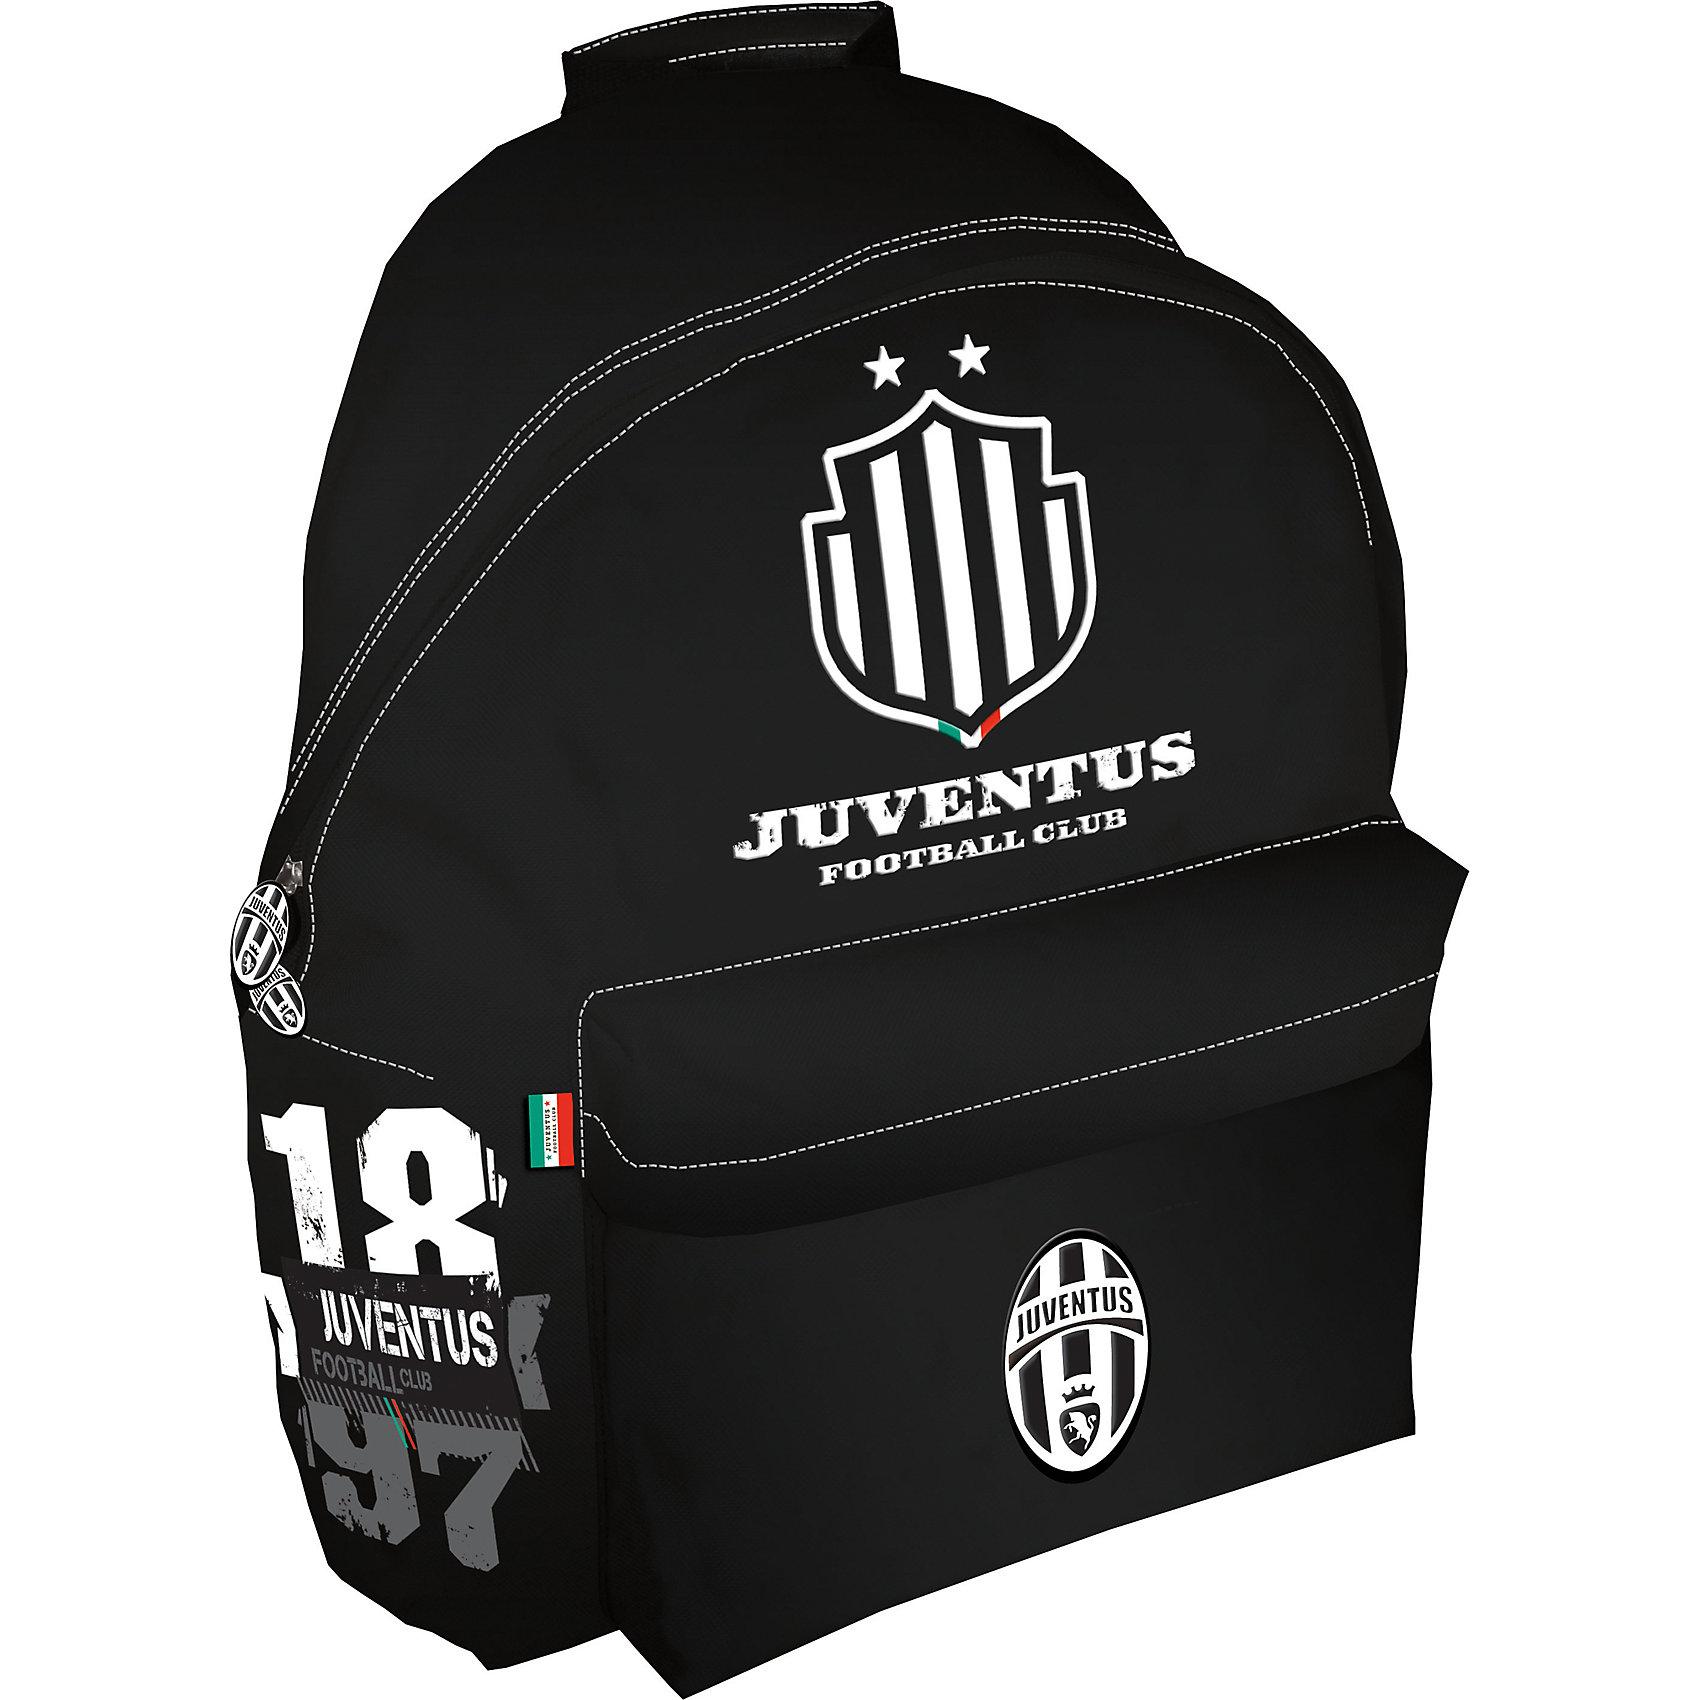 Рюкзак 36*25*12 см, JuventusРюкзак  Juventus (Ювентус).<br><br>Характеристики:<br><br>- Размеры: 40х31х15 см<br>- Вес: 484г<br>- Цвет: черный.<br><br>Удобный, вместительный рюкзак для похода в спортивные секции. Такой рюкзак также  можно  использовать, как дорожный, что особенно удобно  в летний период времени, когда дети уезжают в санатории и лагеря. Такой рюкзак порадует каждого мальчика. Основной отдел на молнии, вместительный наружный карман на скрытой молнии, один внутренний накладной карман на молнии. Рюкзак декорирован эмблемами и цветами спортивного клуба Juventus (Ювентус) .   <br><br>Рюкзак Juventus (Ювентус), можно купить в нашем интернет – магазине.<br><br>Ширина мм: 310<br>Глубина мм: 150<br>Высота мм: 400<br>Вес г: 484<br>Возраст от месяцев: 168<br>Возраст до месяцев: 192<br>Пол: Мужской<br>Возраст: Детский<br>SKU: 5218430